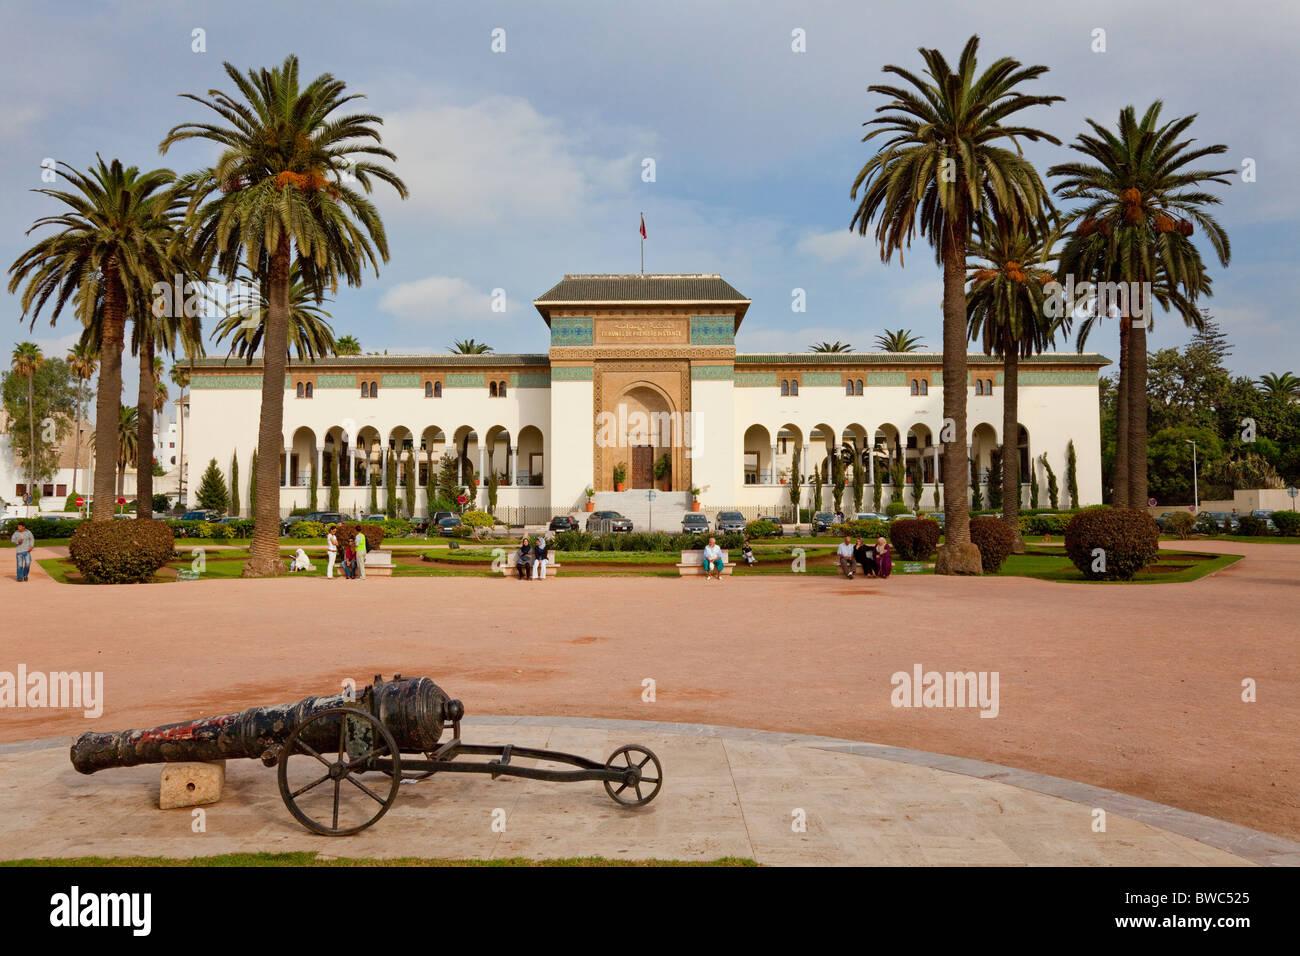 Il Mohammed V Square e Palazzo di Giustizia in Casablanca, Marocco. Immagini Stock